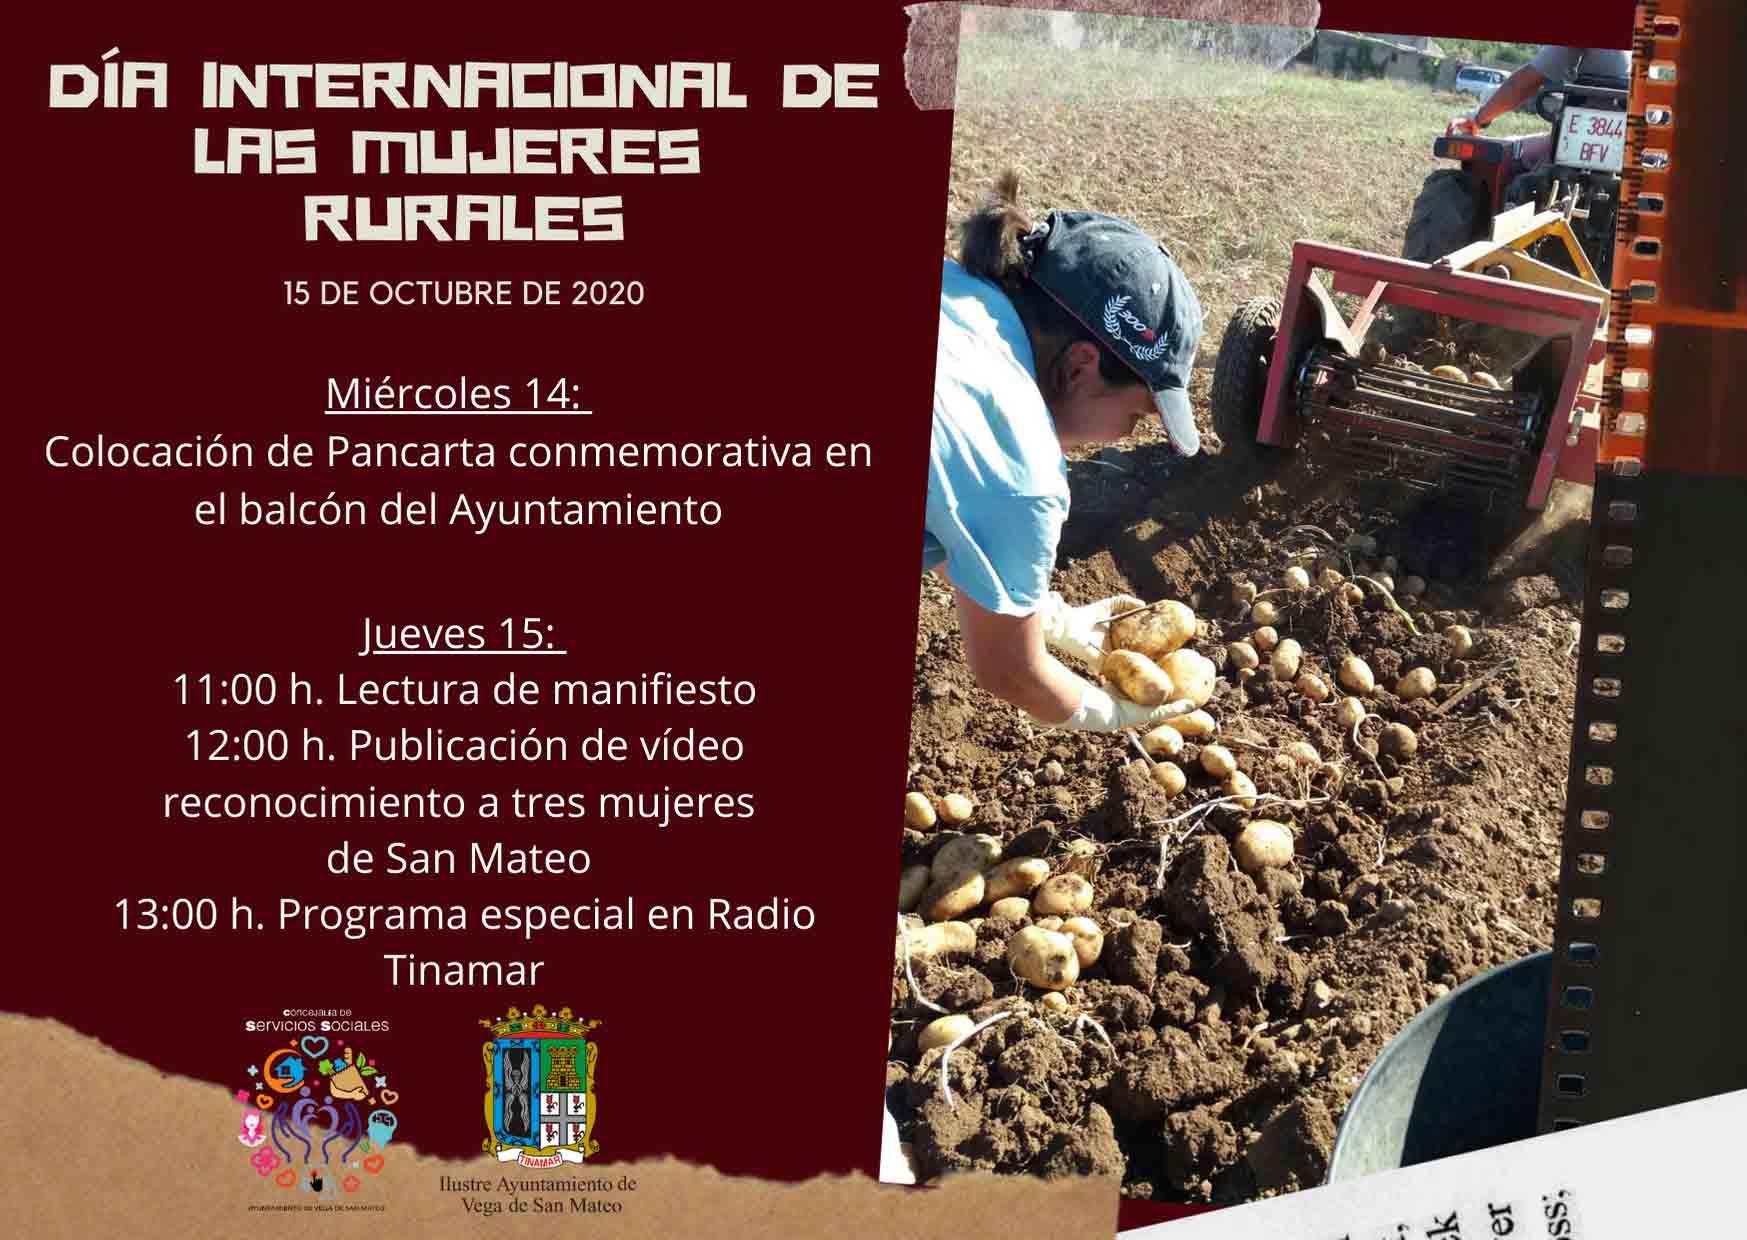 Dia internacional mujeres rurales